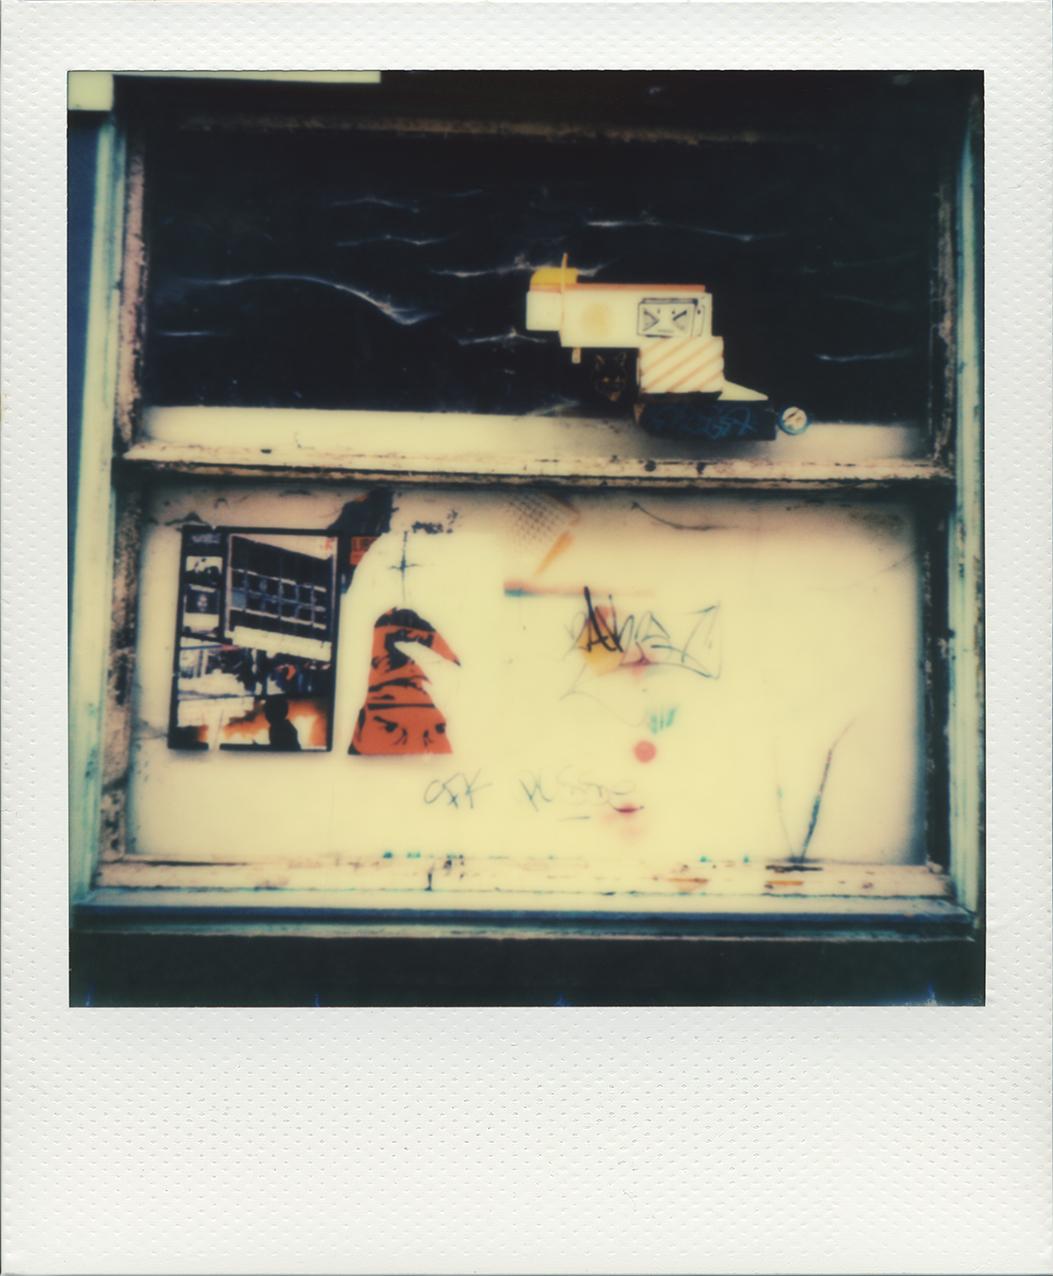 Pola vitrines 02